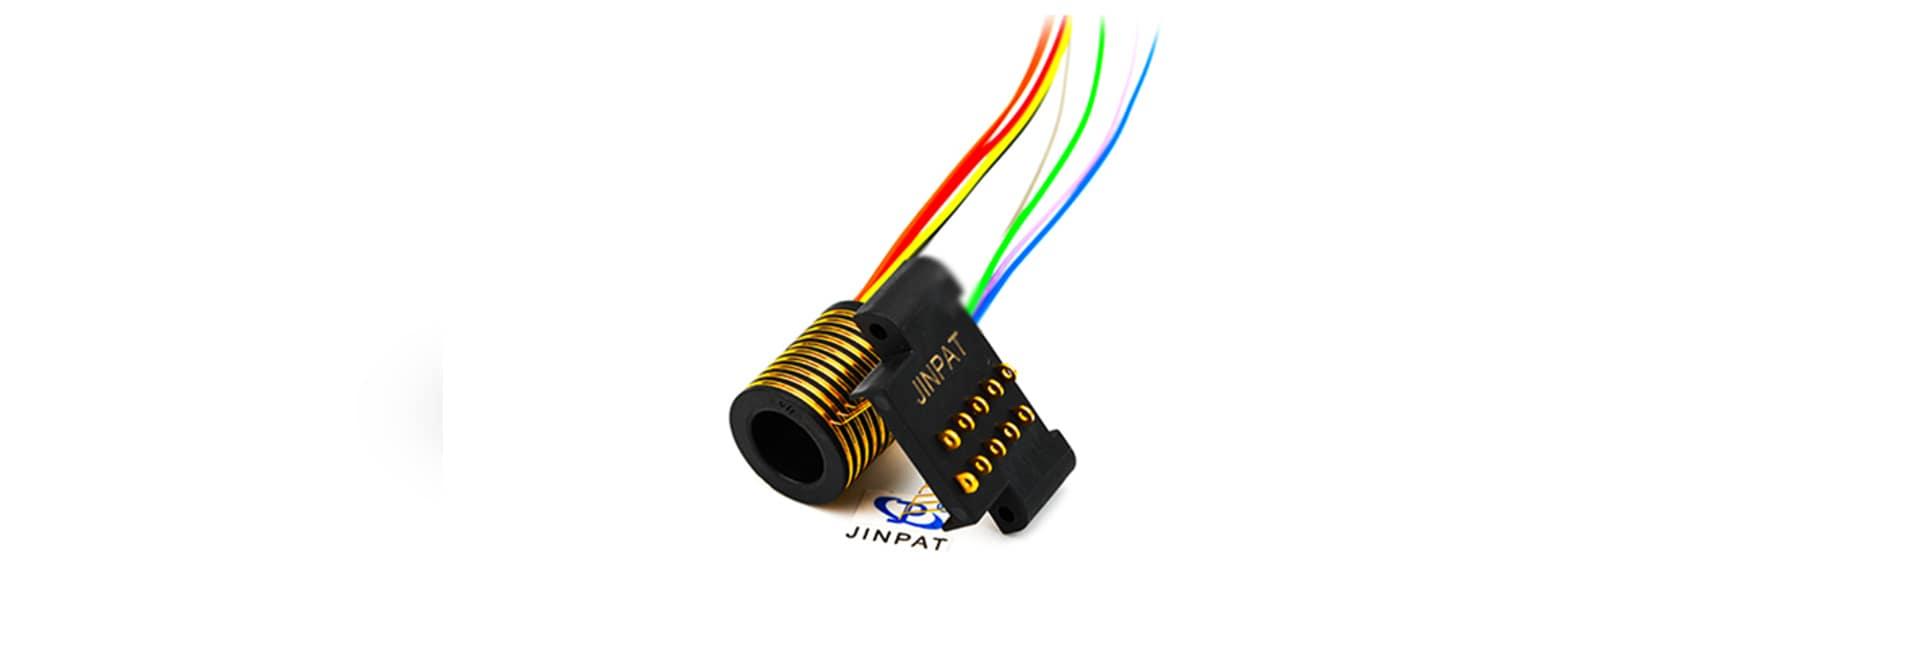 Design compact superbe de circuits distincts de la bague collectrice 10